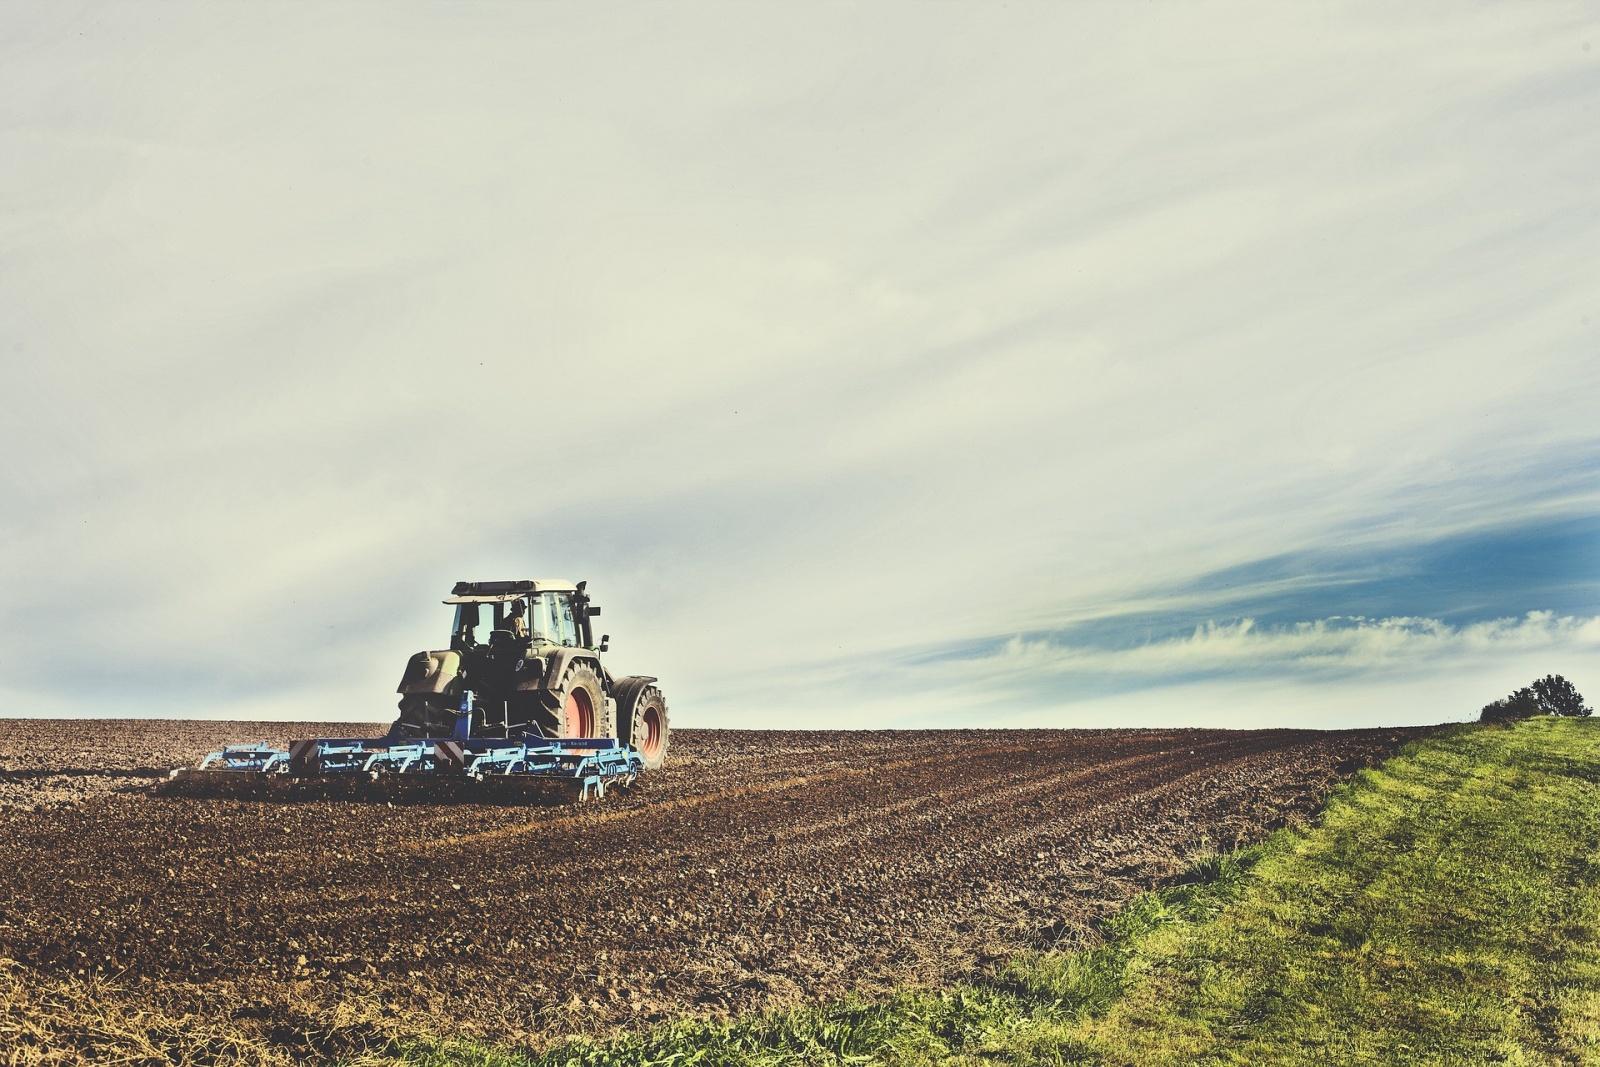 Co grozi rolnikowi za brak OC?